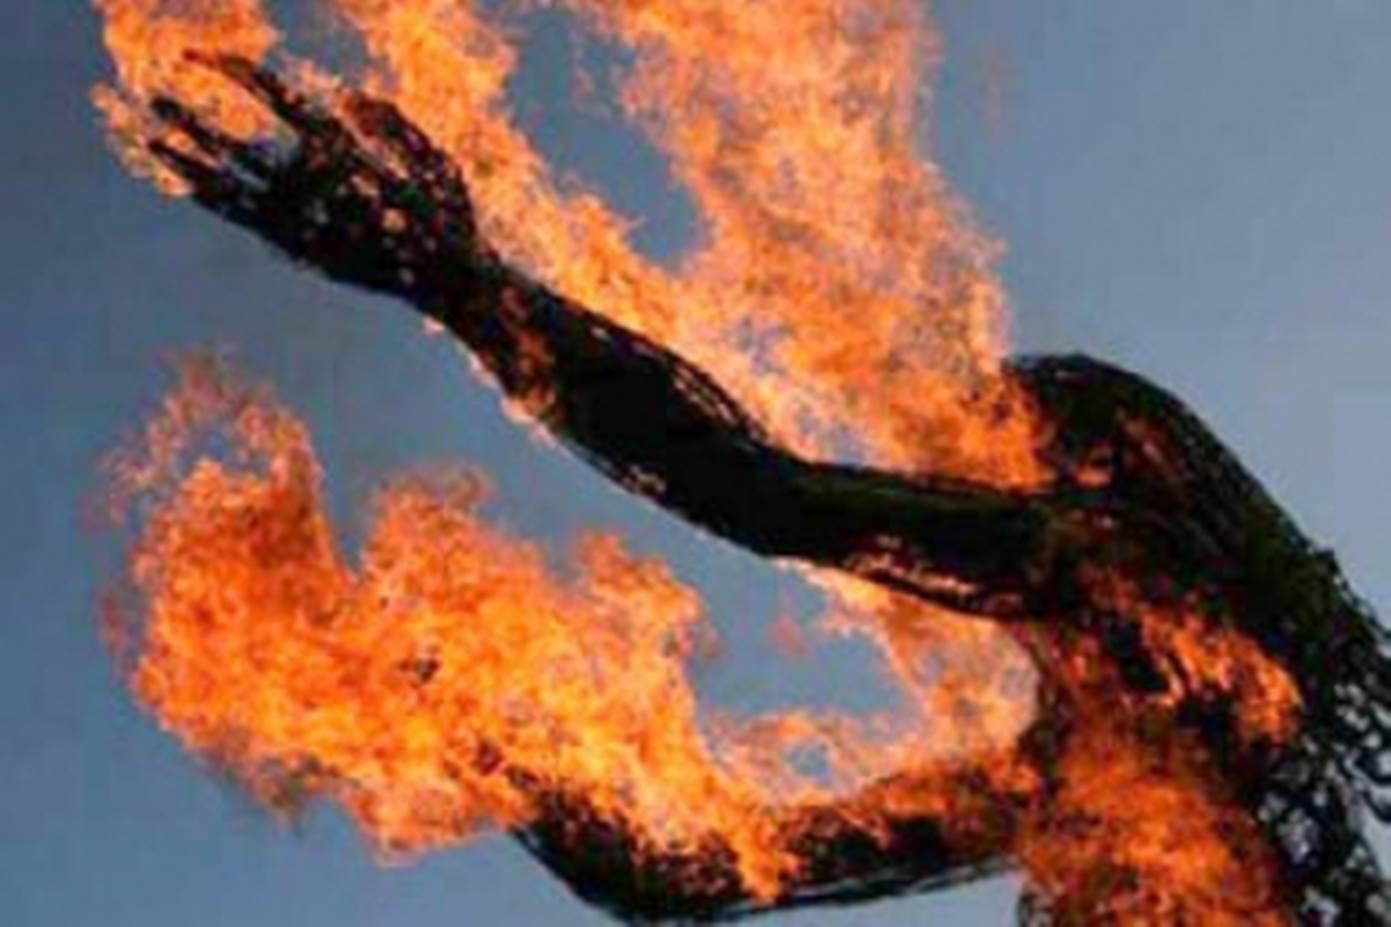 موظفة بالمياه والغابات تحرق جسدها لأسباب غامضة بالقنيطرة